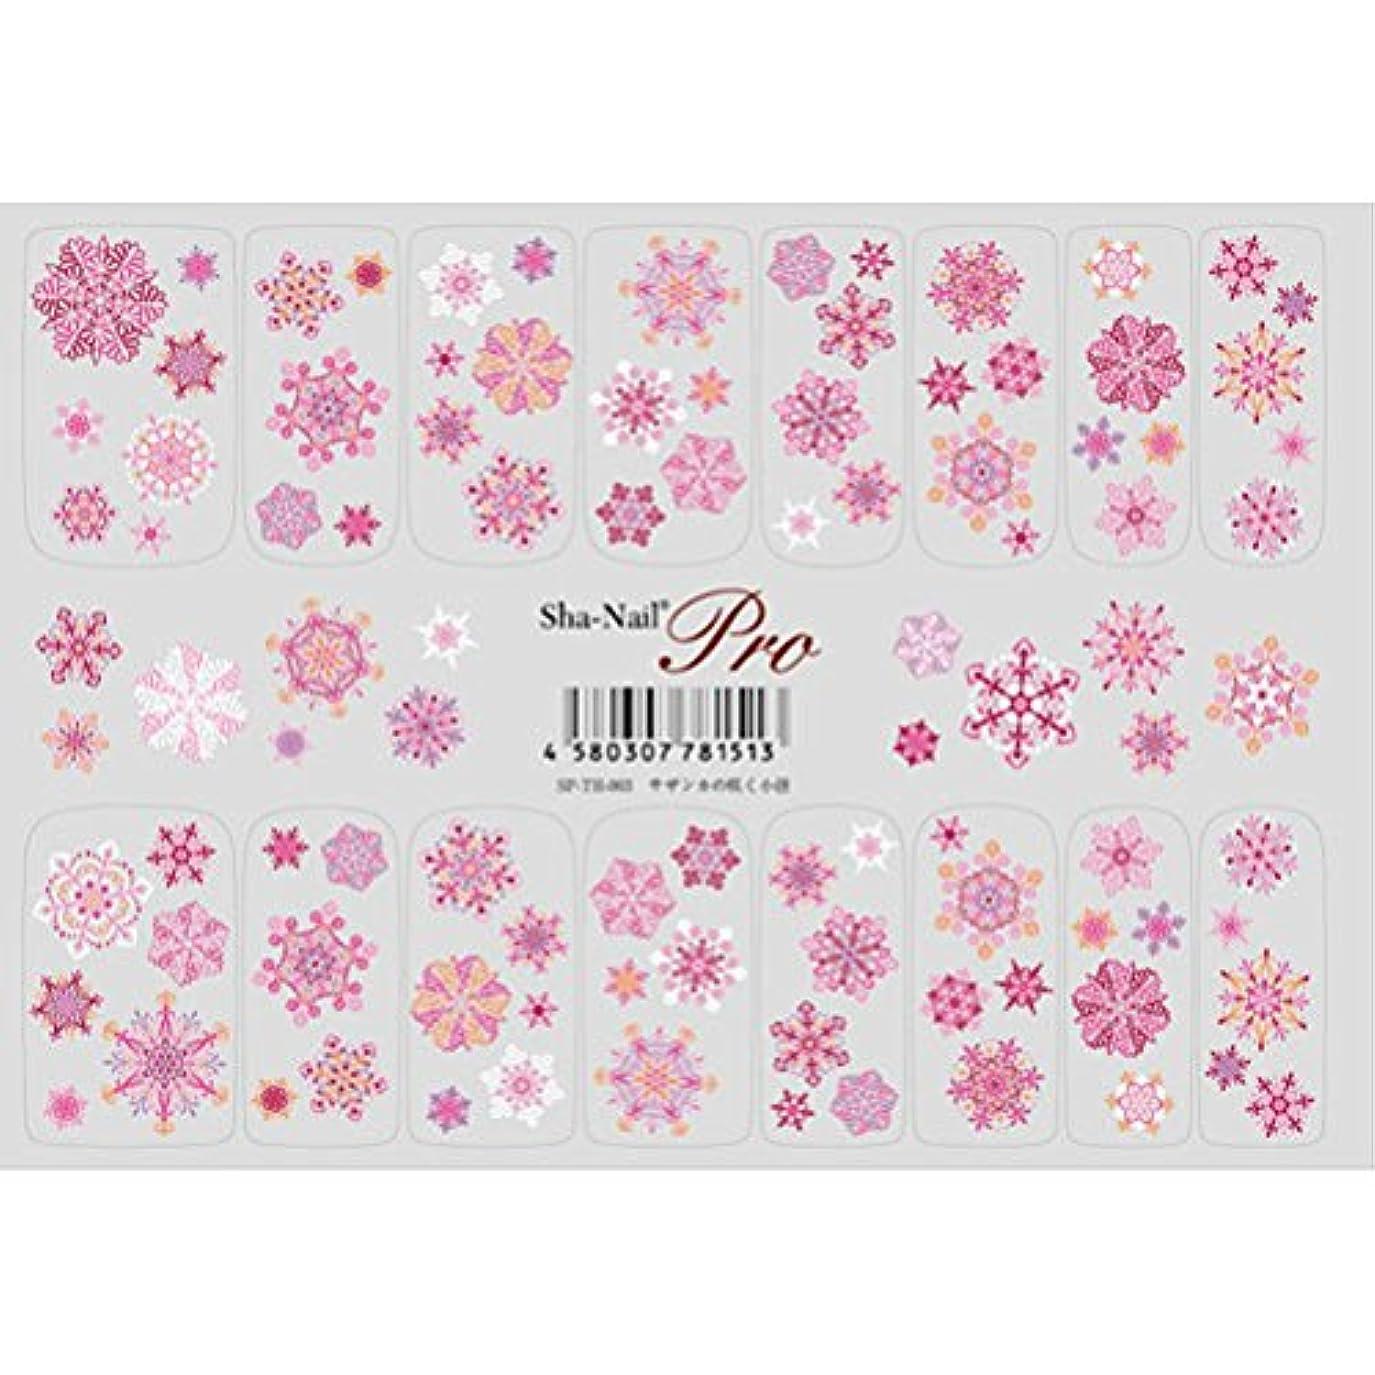 天国ドレイン魅了する天空の花 サザンカの咲く小径